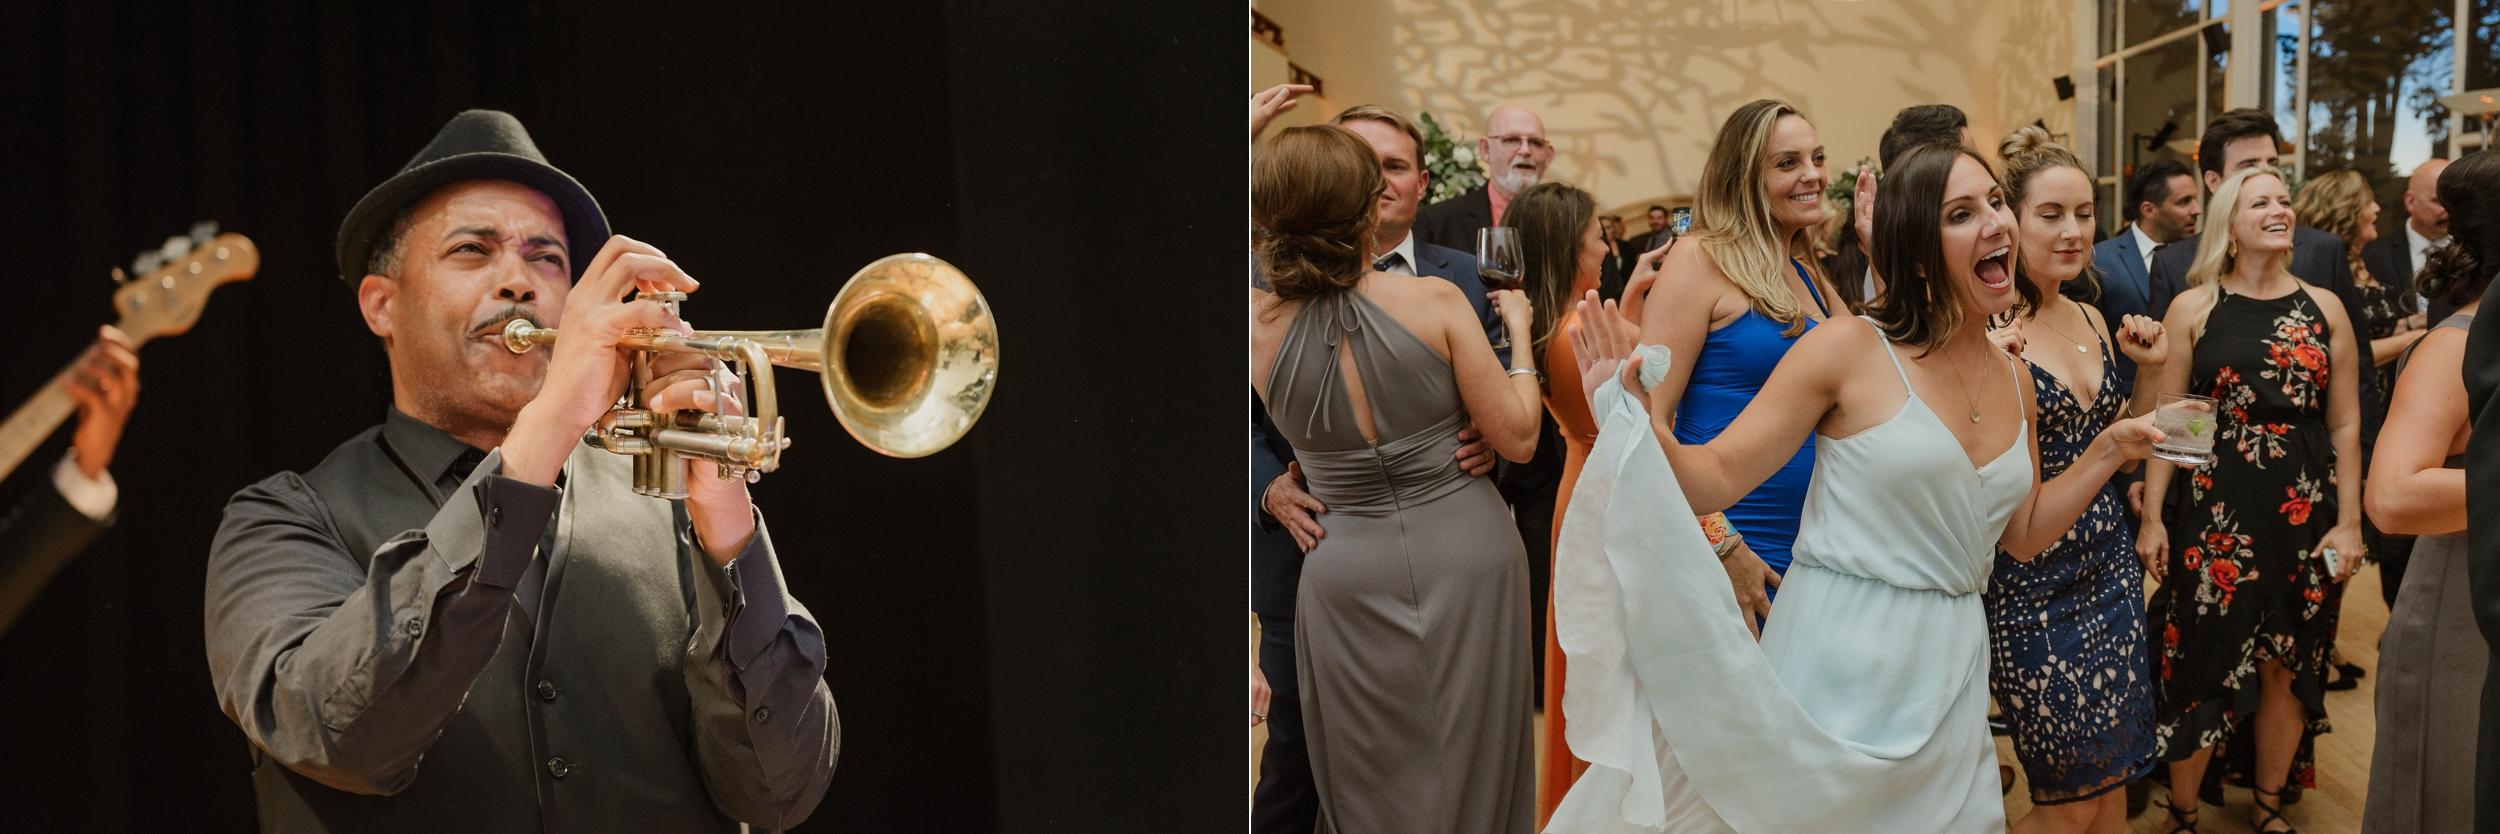 76-traditional-san-francisco-presidio-golden-gate-club-wedding-vivianchen-879_WEB.jpg